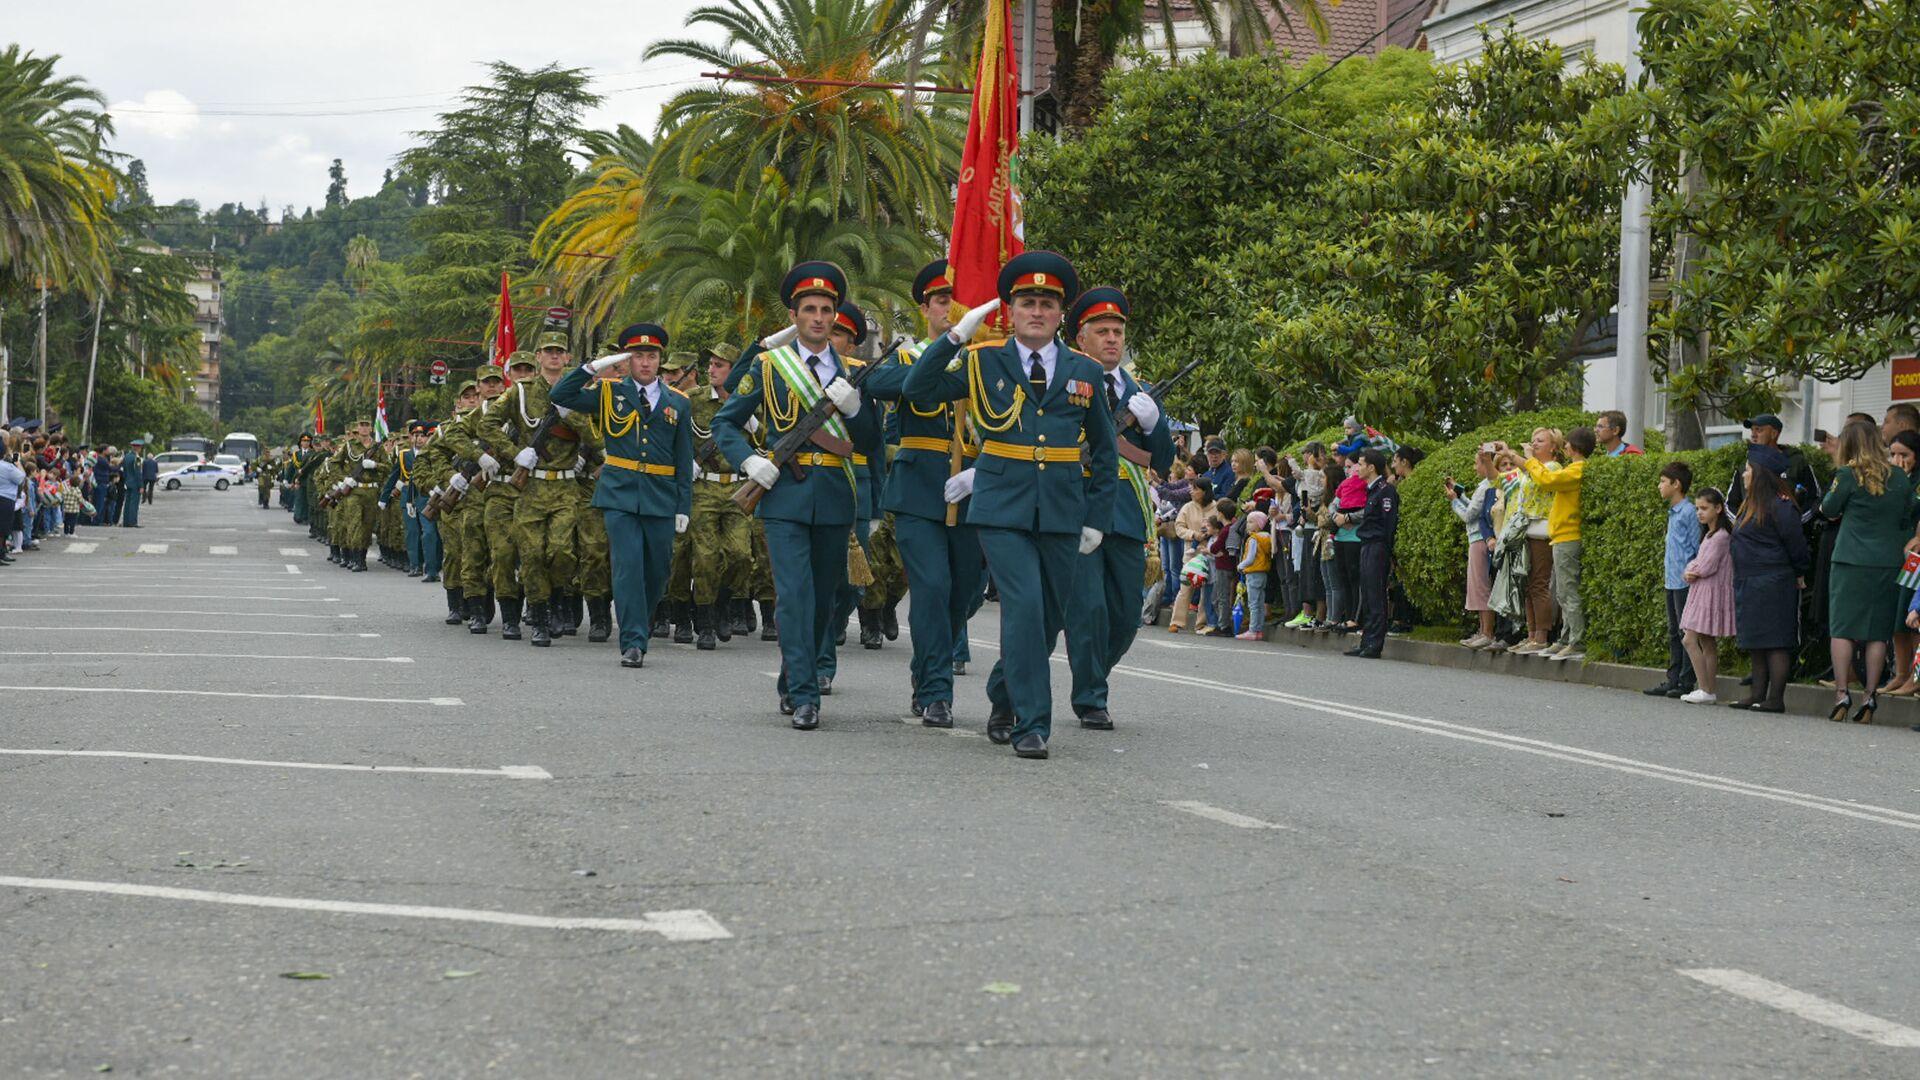 Торжественный марш в честь Дня Победы и Независимости прошел в Сухуме - Sputnik Аҧсны, 1920, 11.10.2021